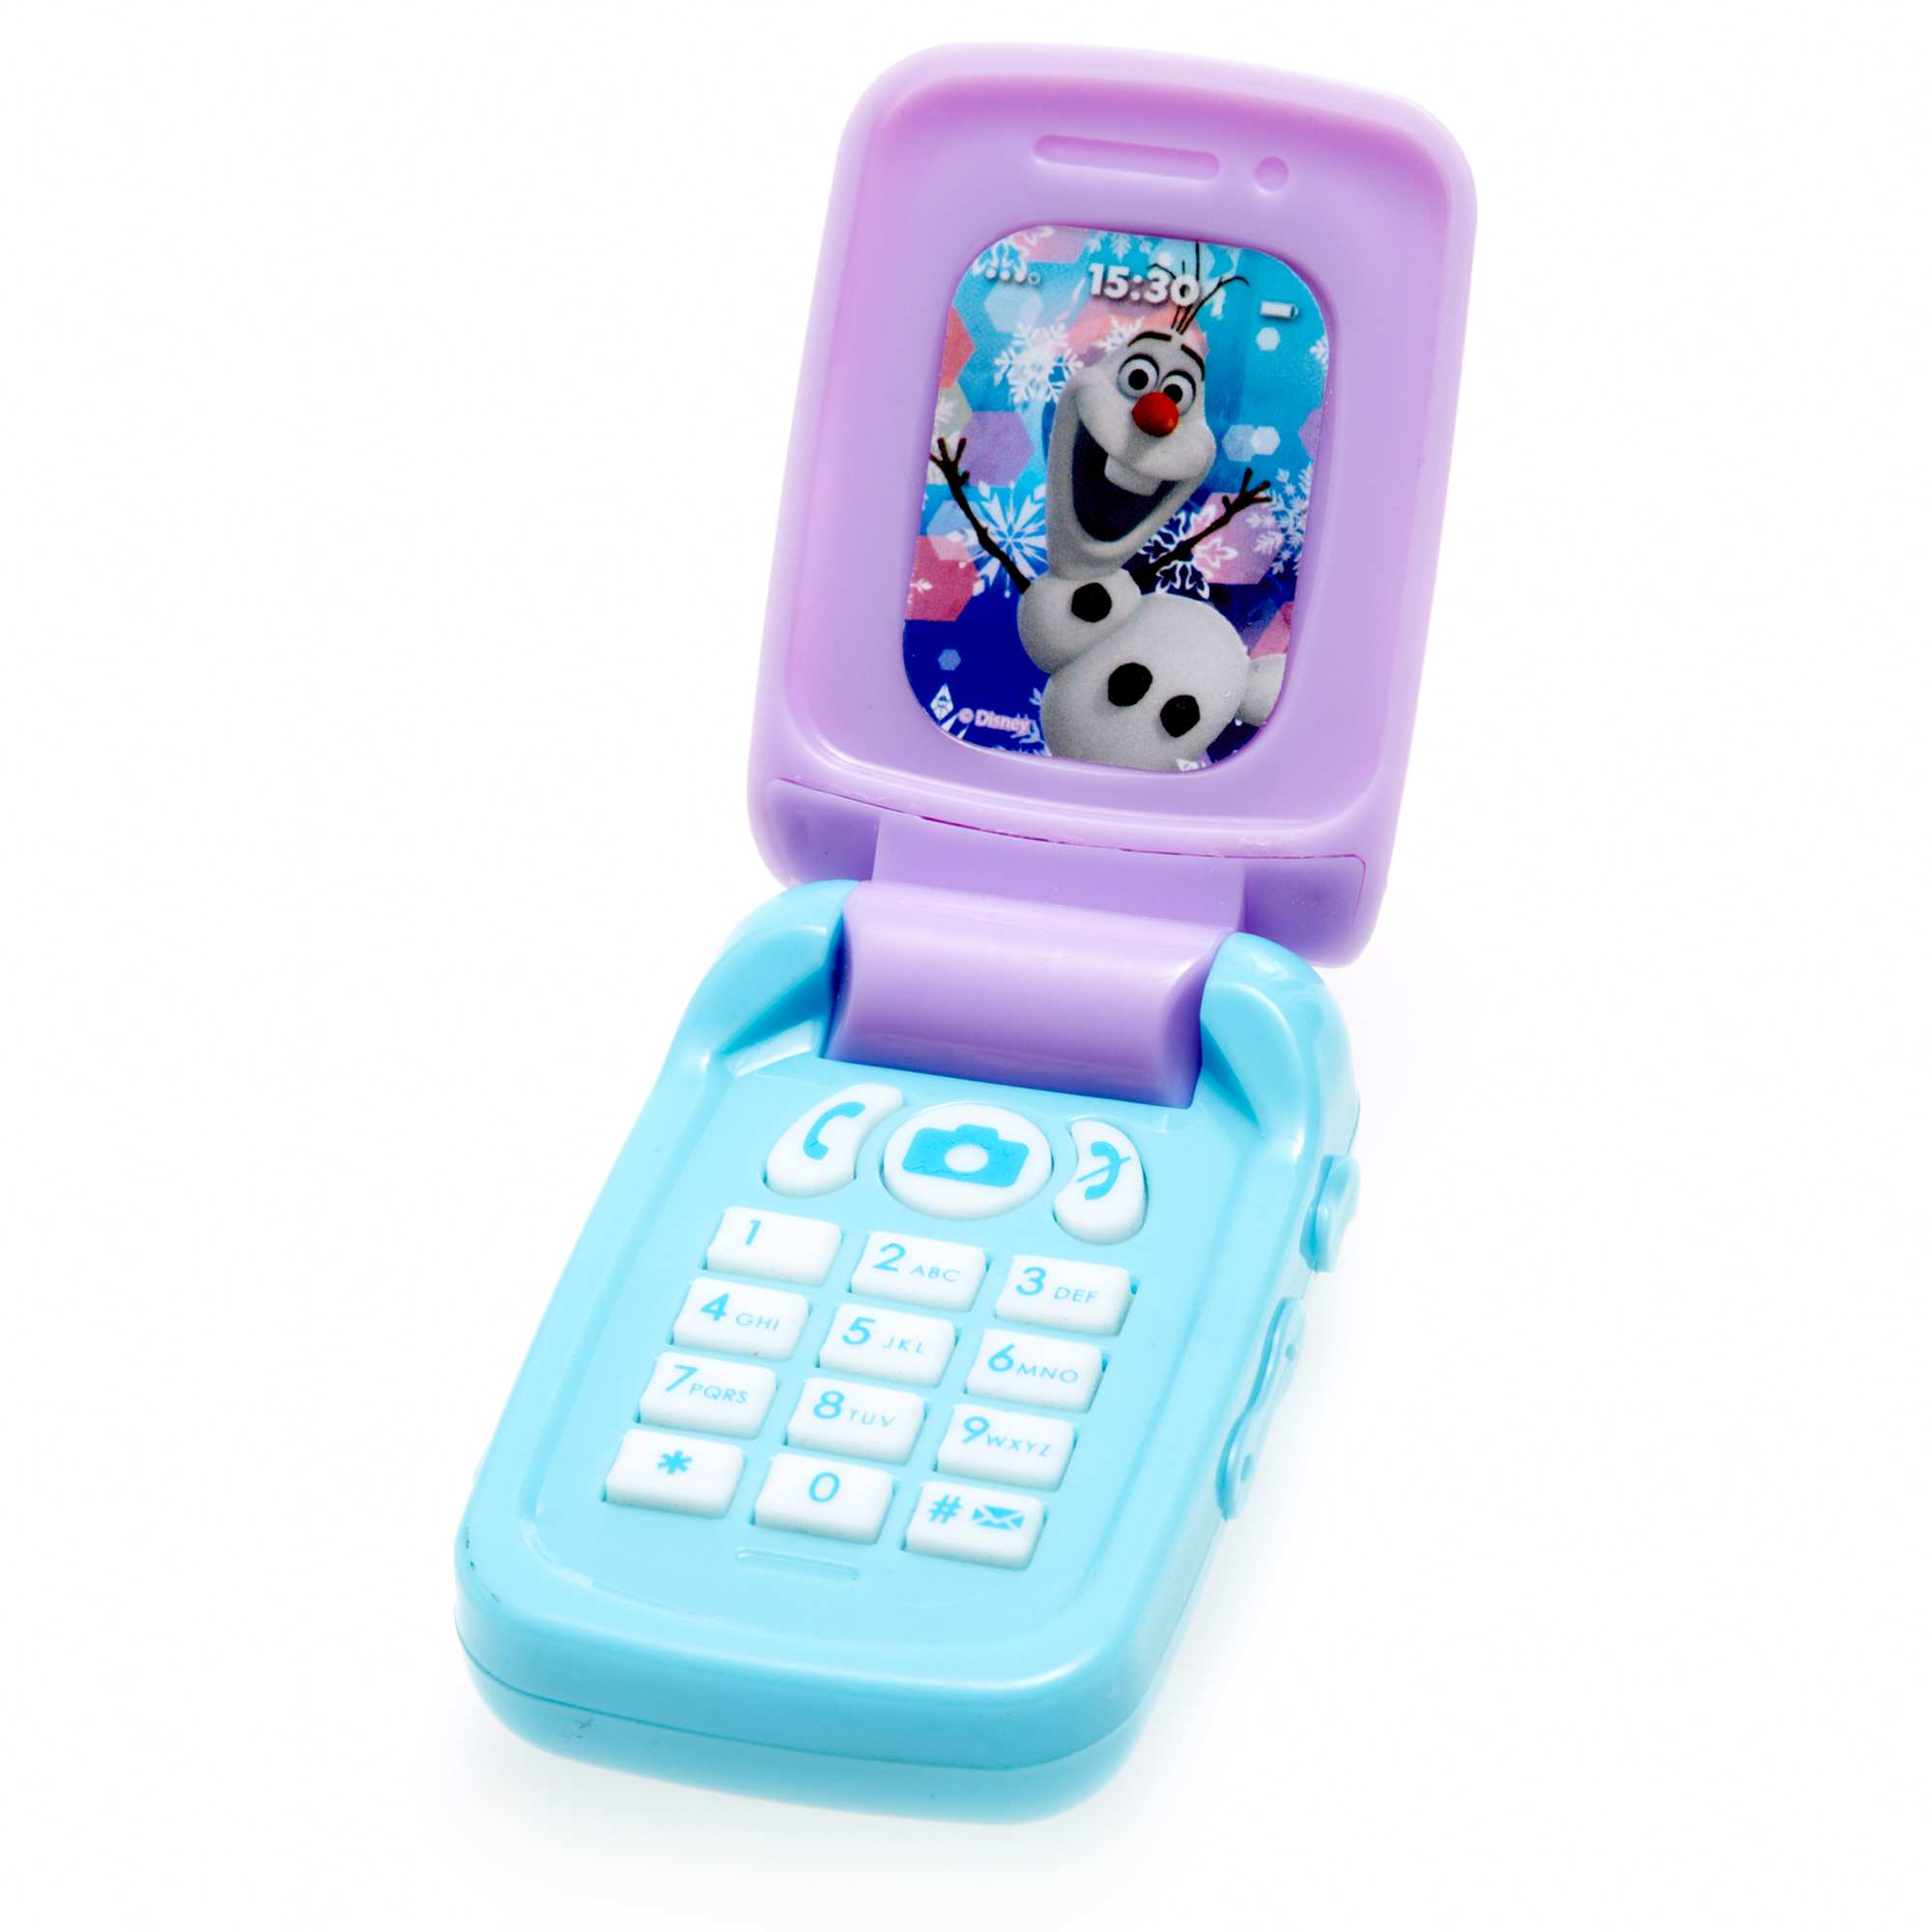 jouet t l phone portable 39 reine des neiges 39 petite fille kiabi 6 00. Black Bedroom Furniture Sets. Home Design Ideas